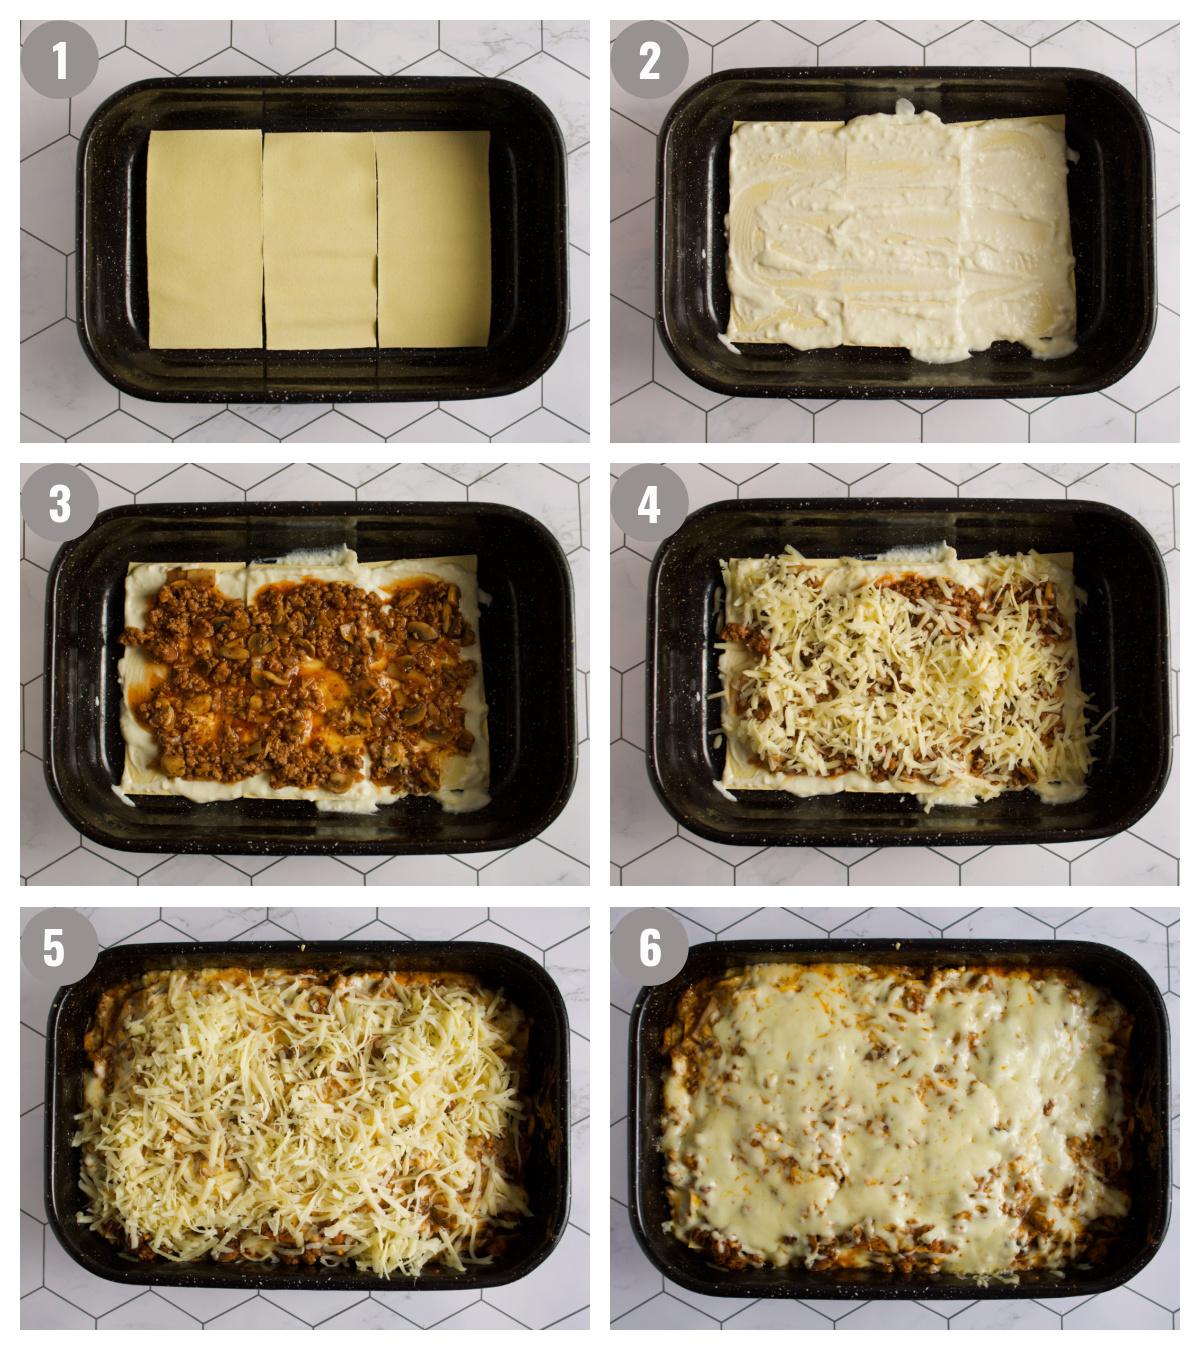 Layering lasagna.